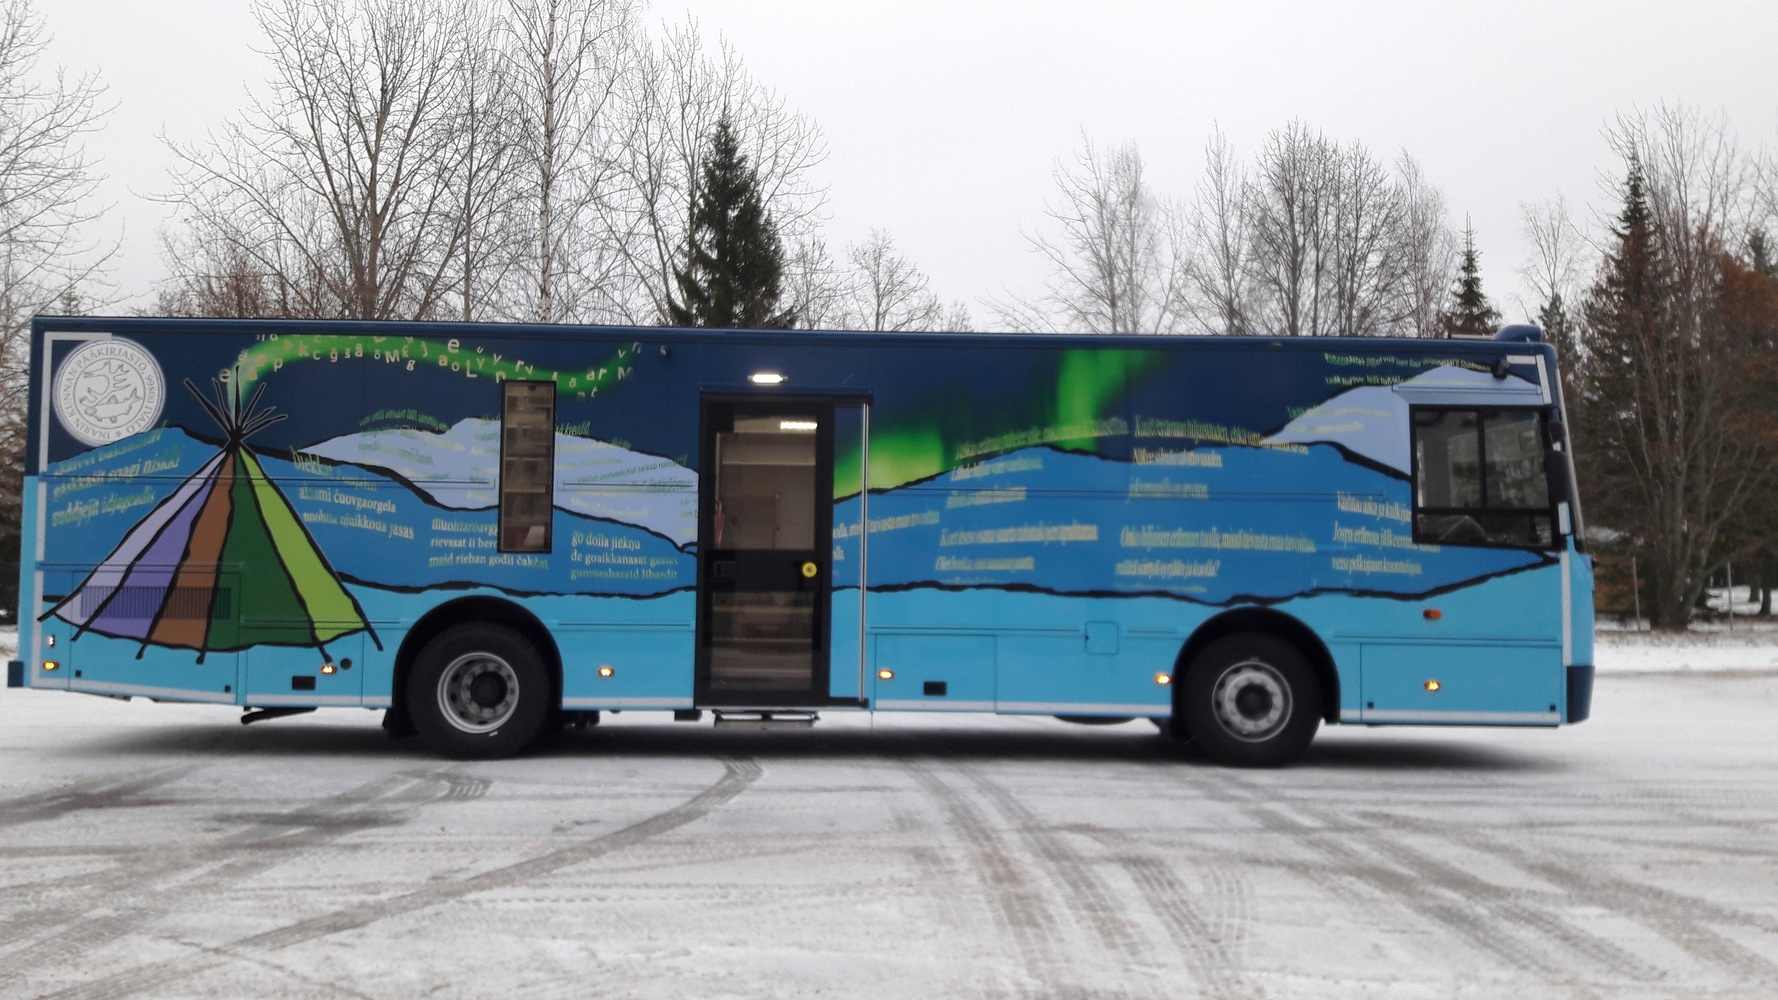 Inarin kunnan kirjastoauto